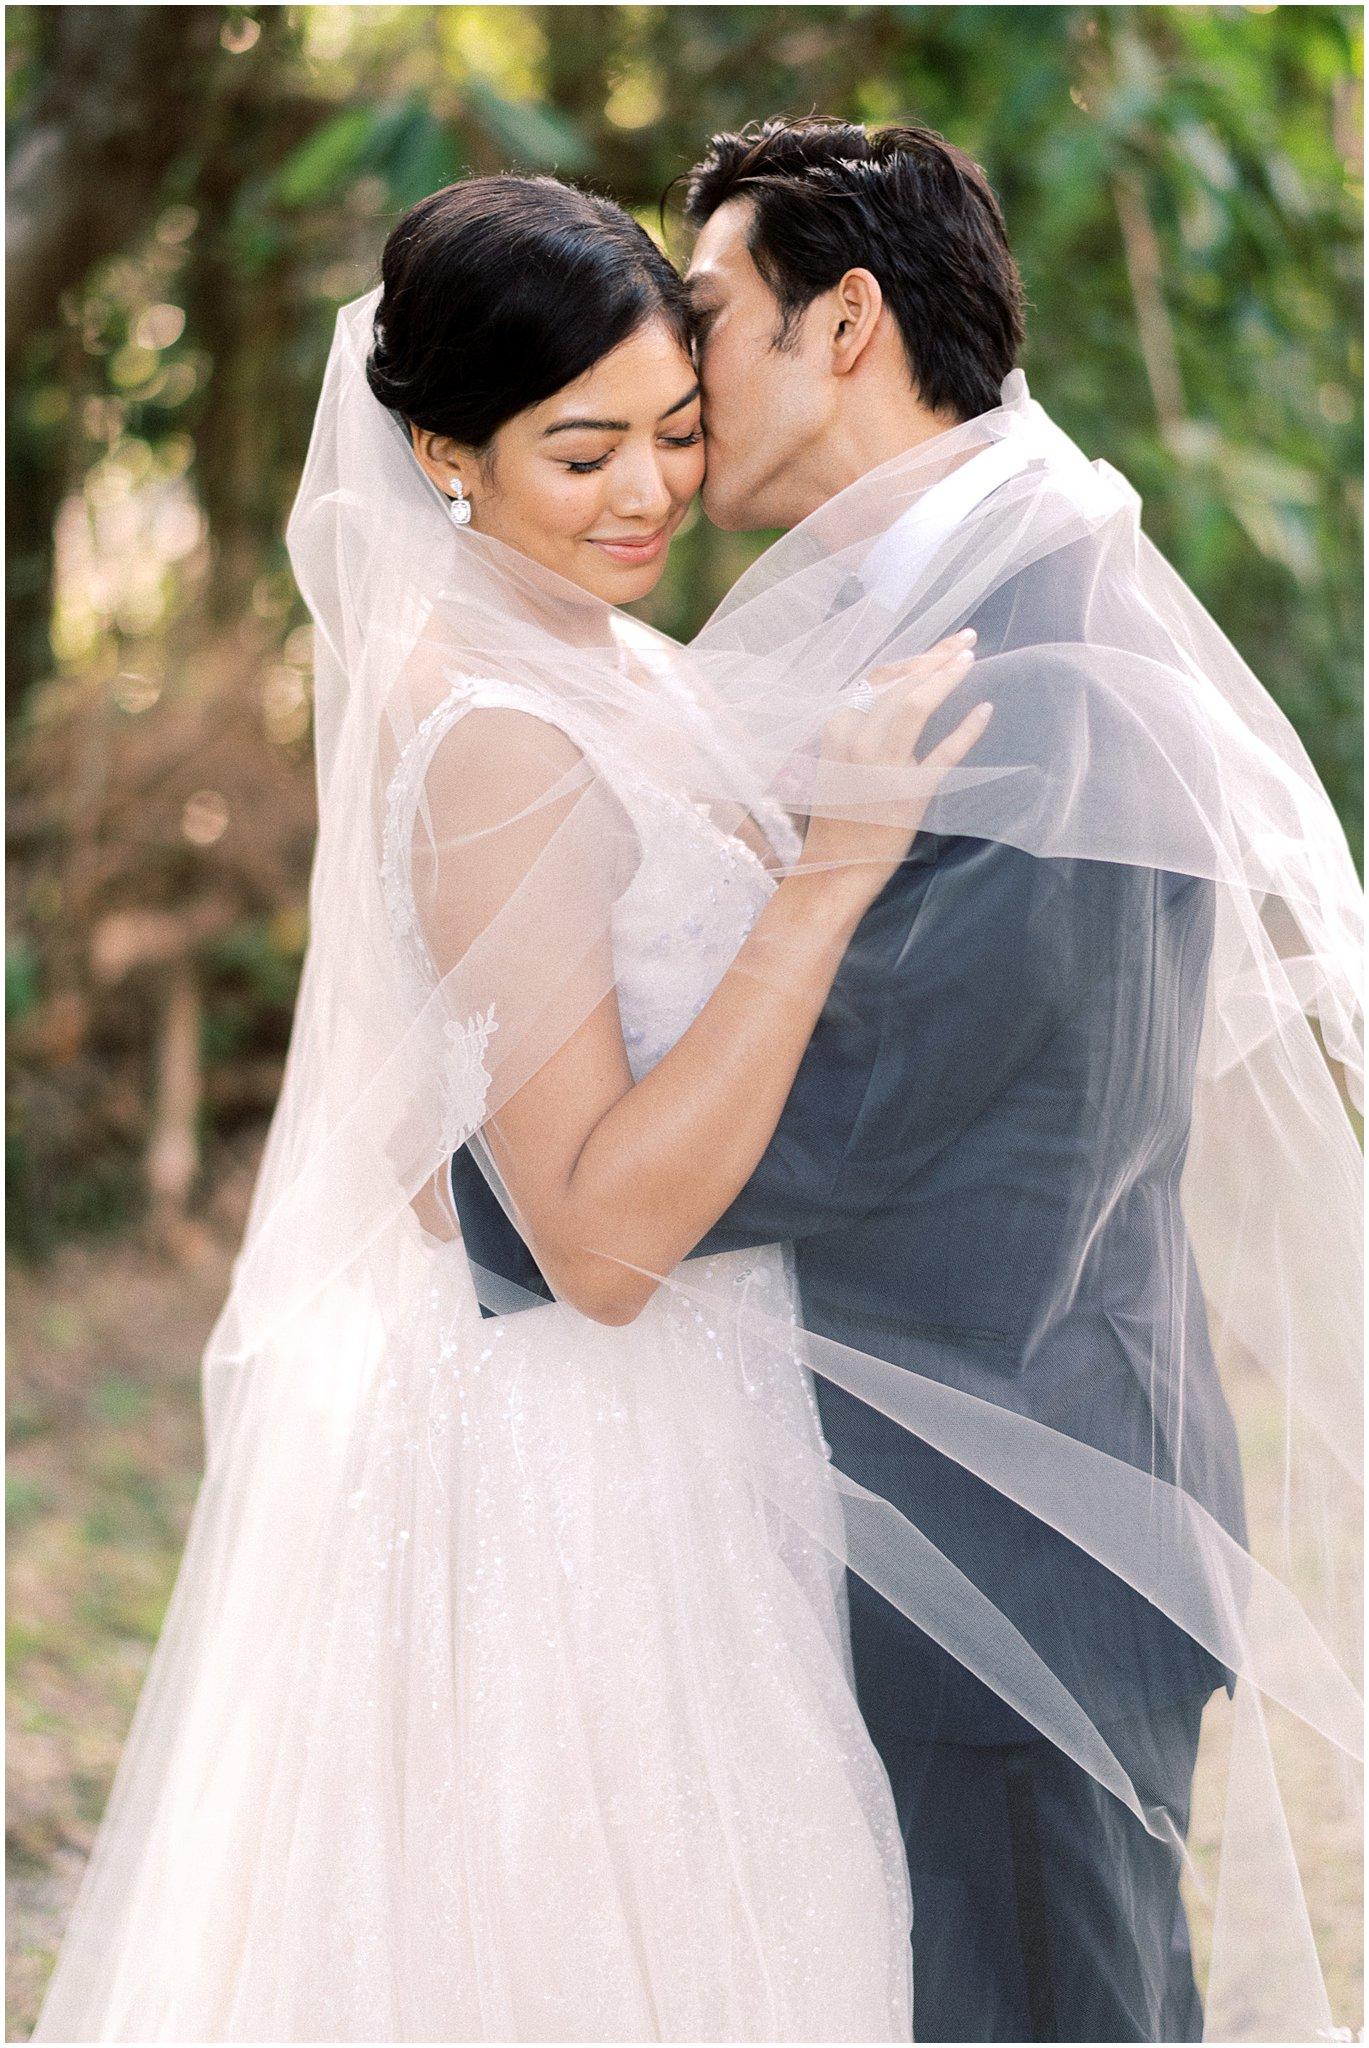 Ilyana + Yong  Asian Inspired Wedding at The Deering Estate Miami, FL